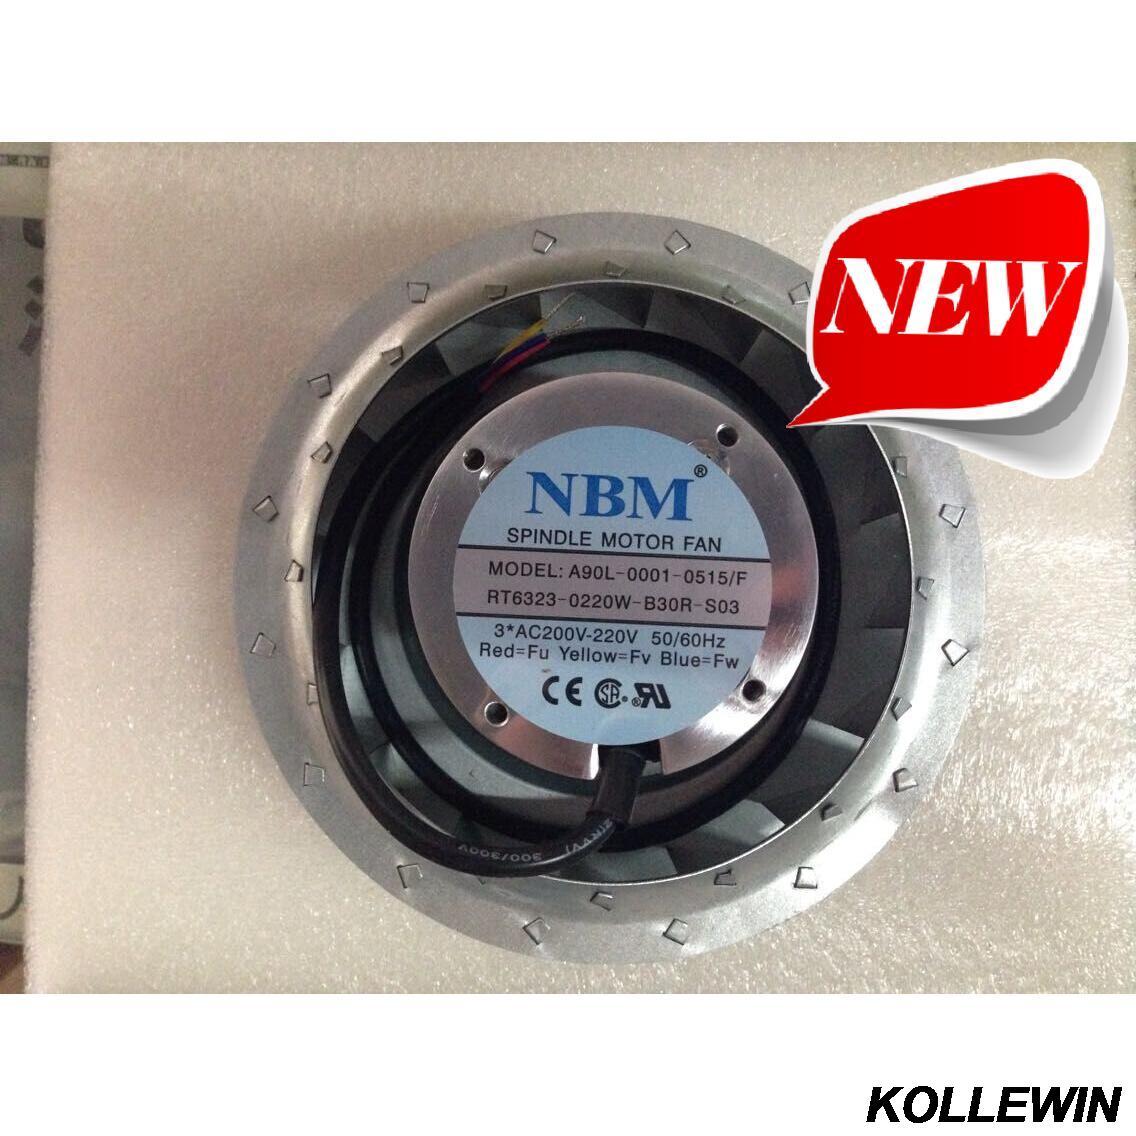 A90L-0001-0515/F new substituição do Ventilador para fanuc spindle motor entrega rápida garantia de 1 ano